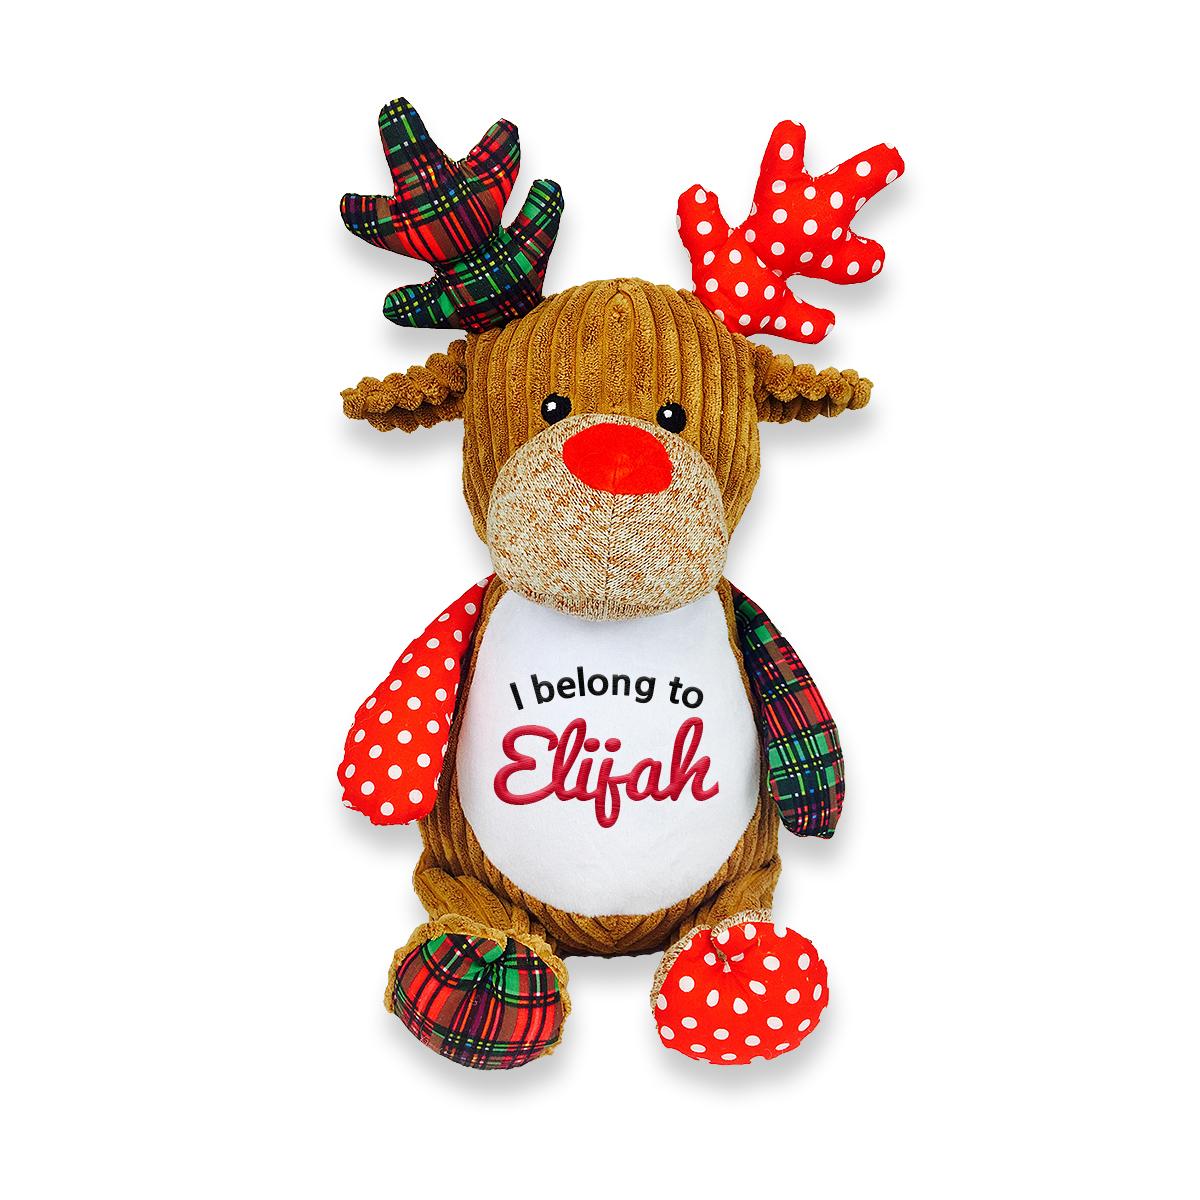 Cubby_0014_hq-reindeer copy